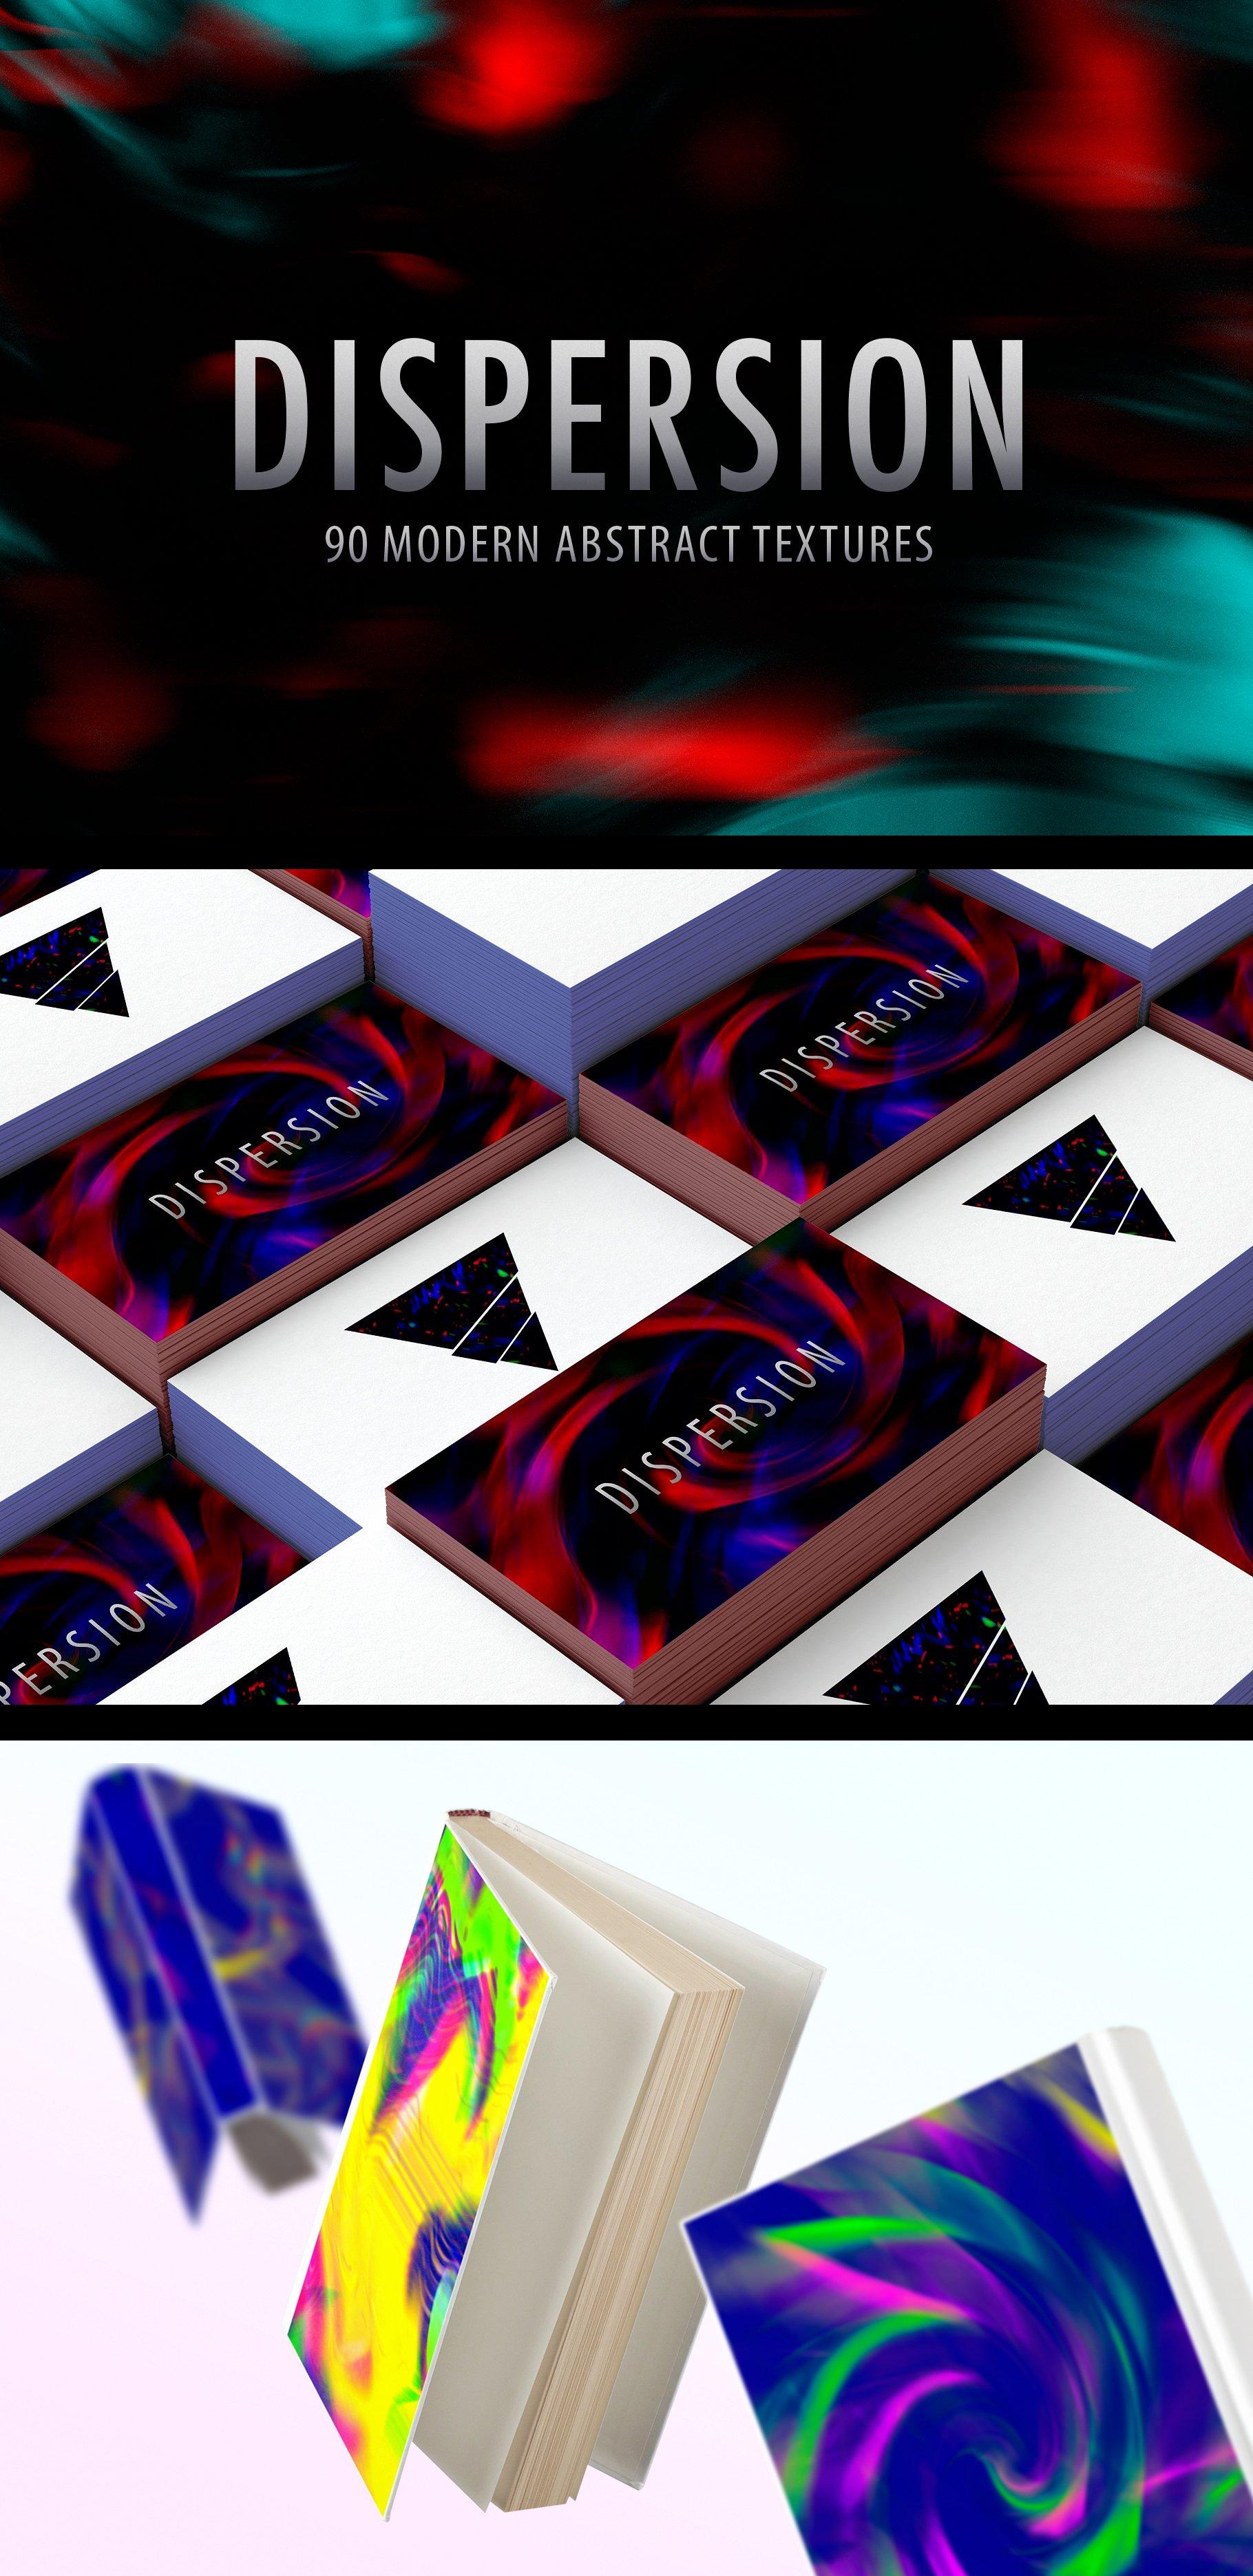 [单独购买] 90款潮流抽象炫彩故障扭曲噪点颗粒纹理海报设计背景图片素材 Experimental Abstract Textures插图